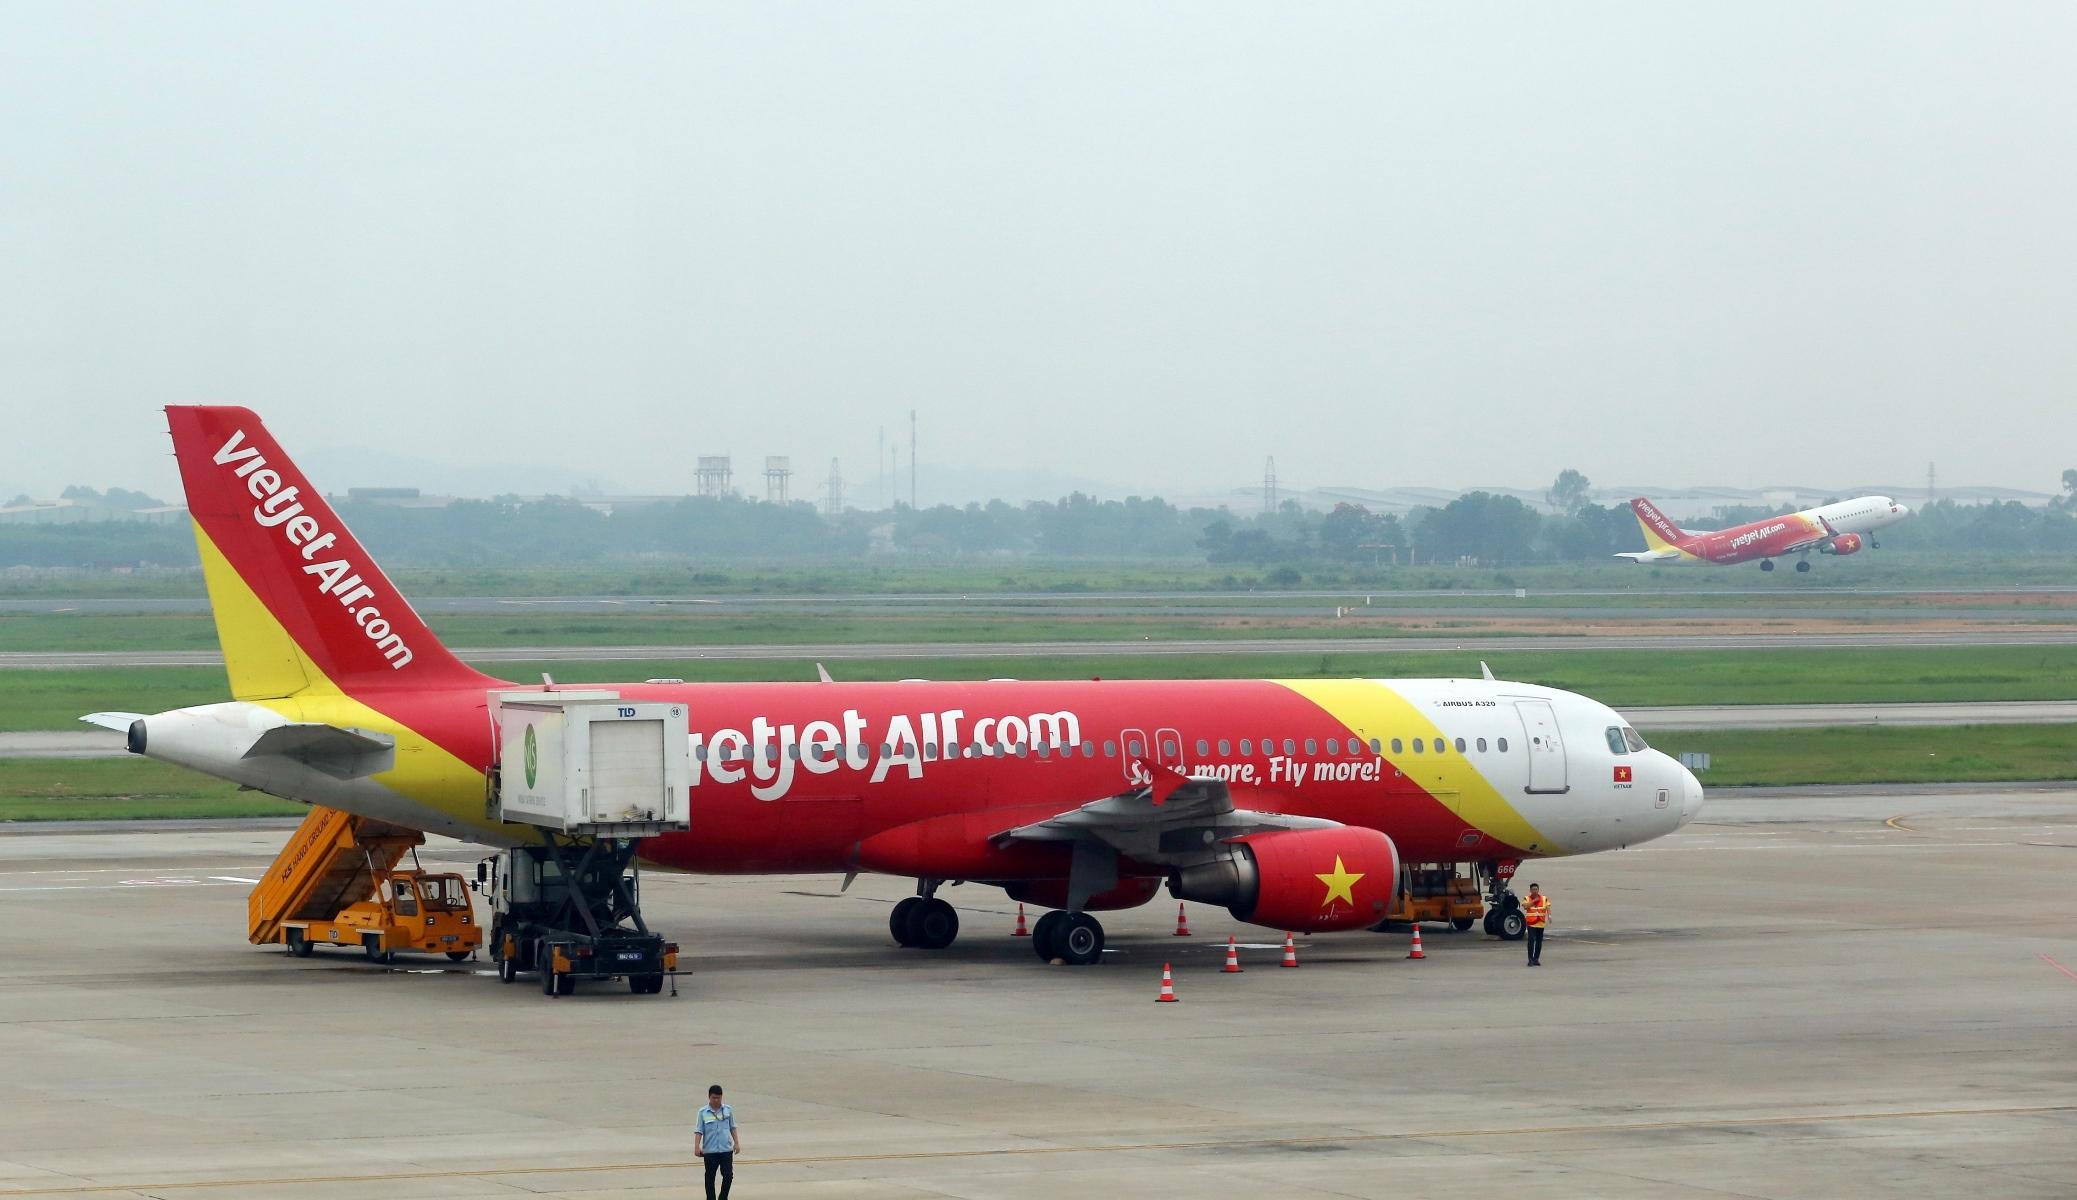 Vietjet's aircraft